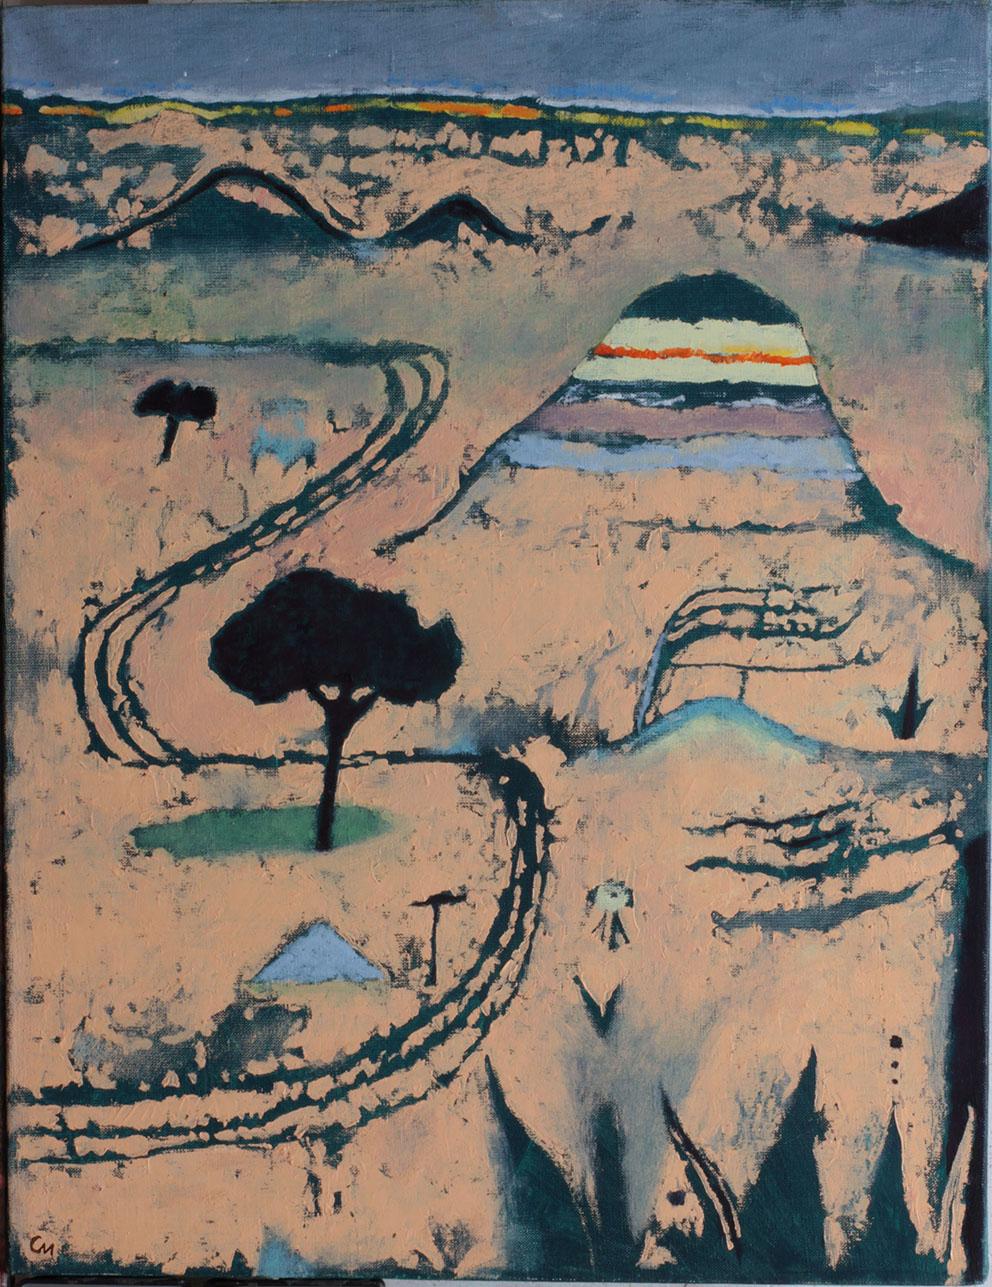 Kadzi Sai, 2014, Oil on Canvas,  25.6 x 19.7 in  (65 x 50 cm)